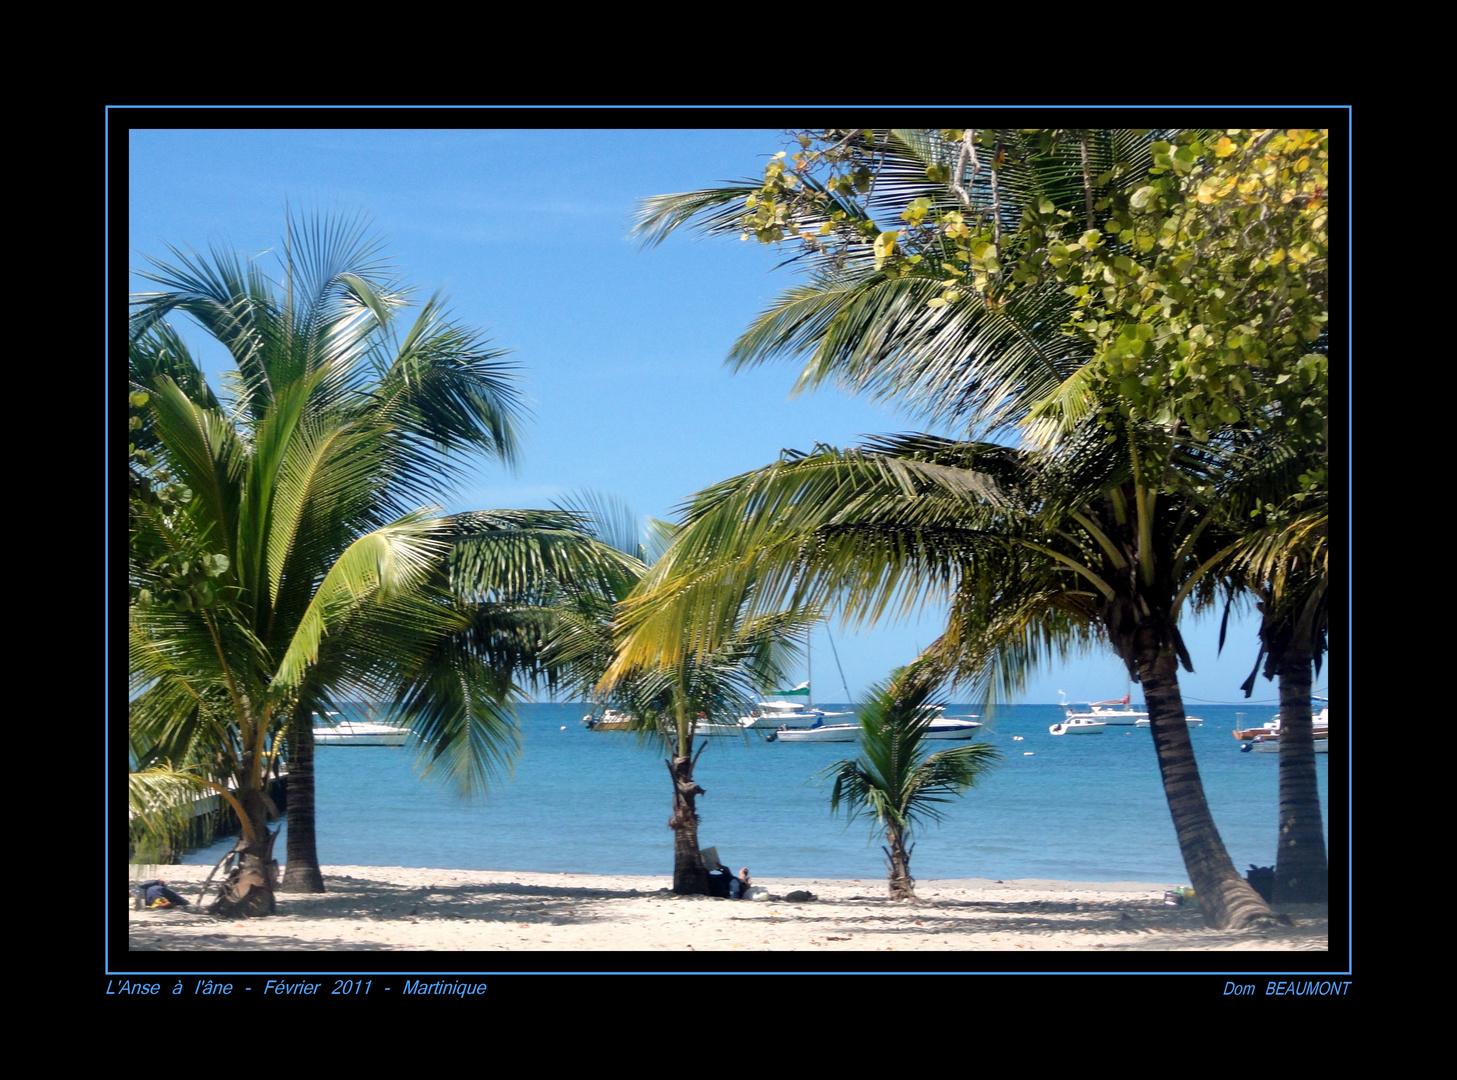 L'Anse à l'âne - Février 2011 - Martinique